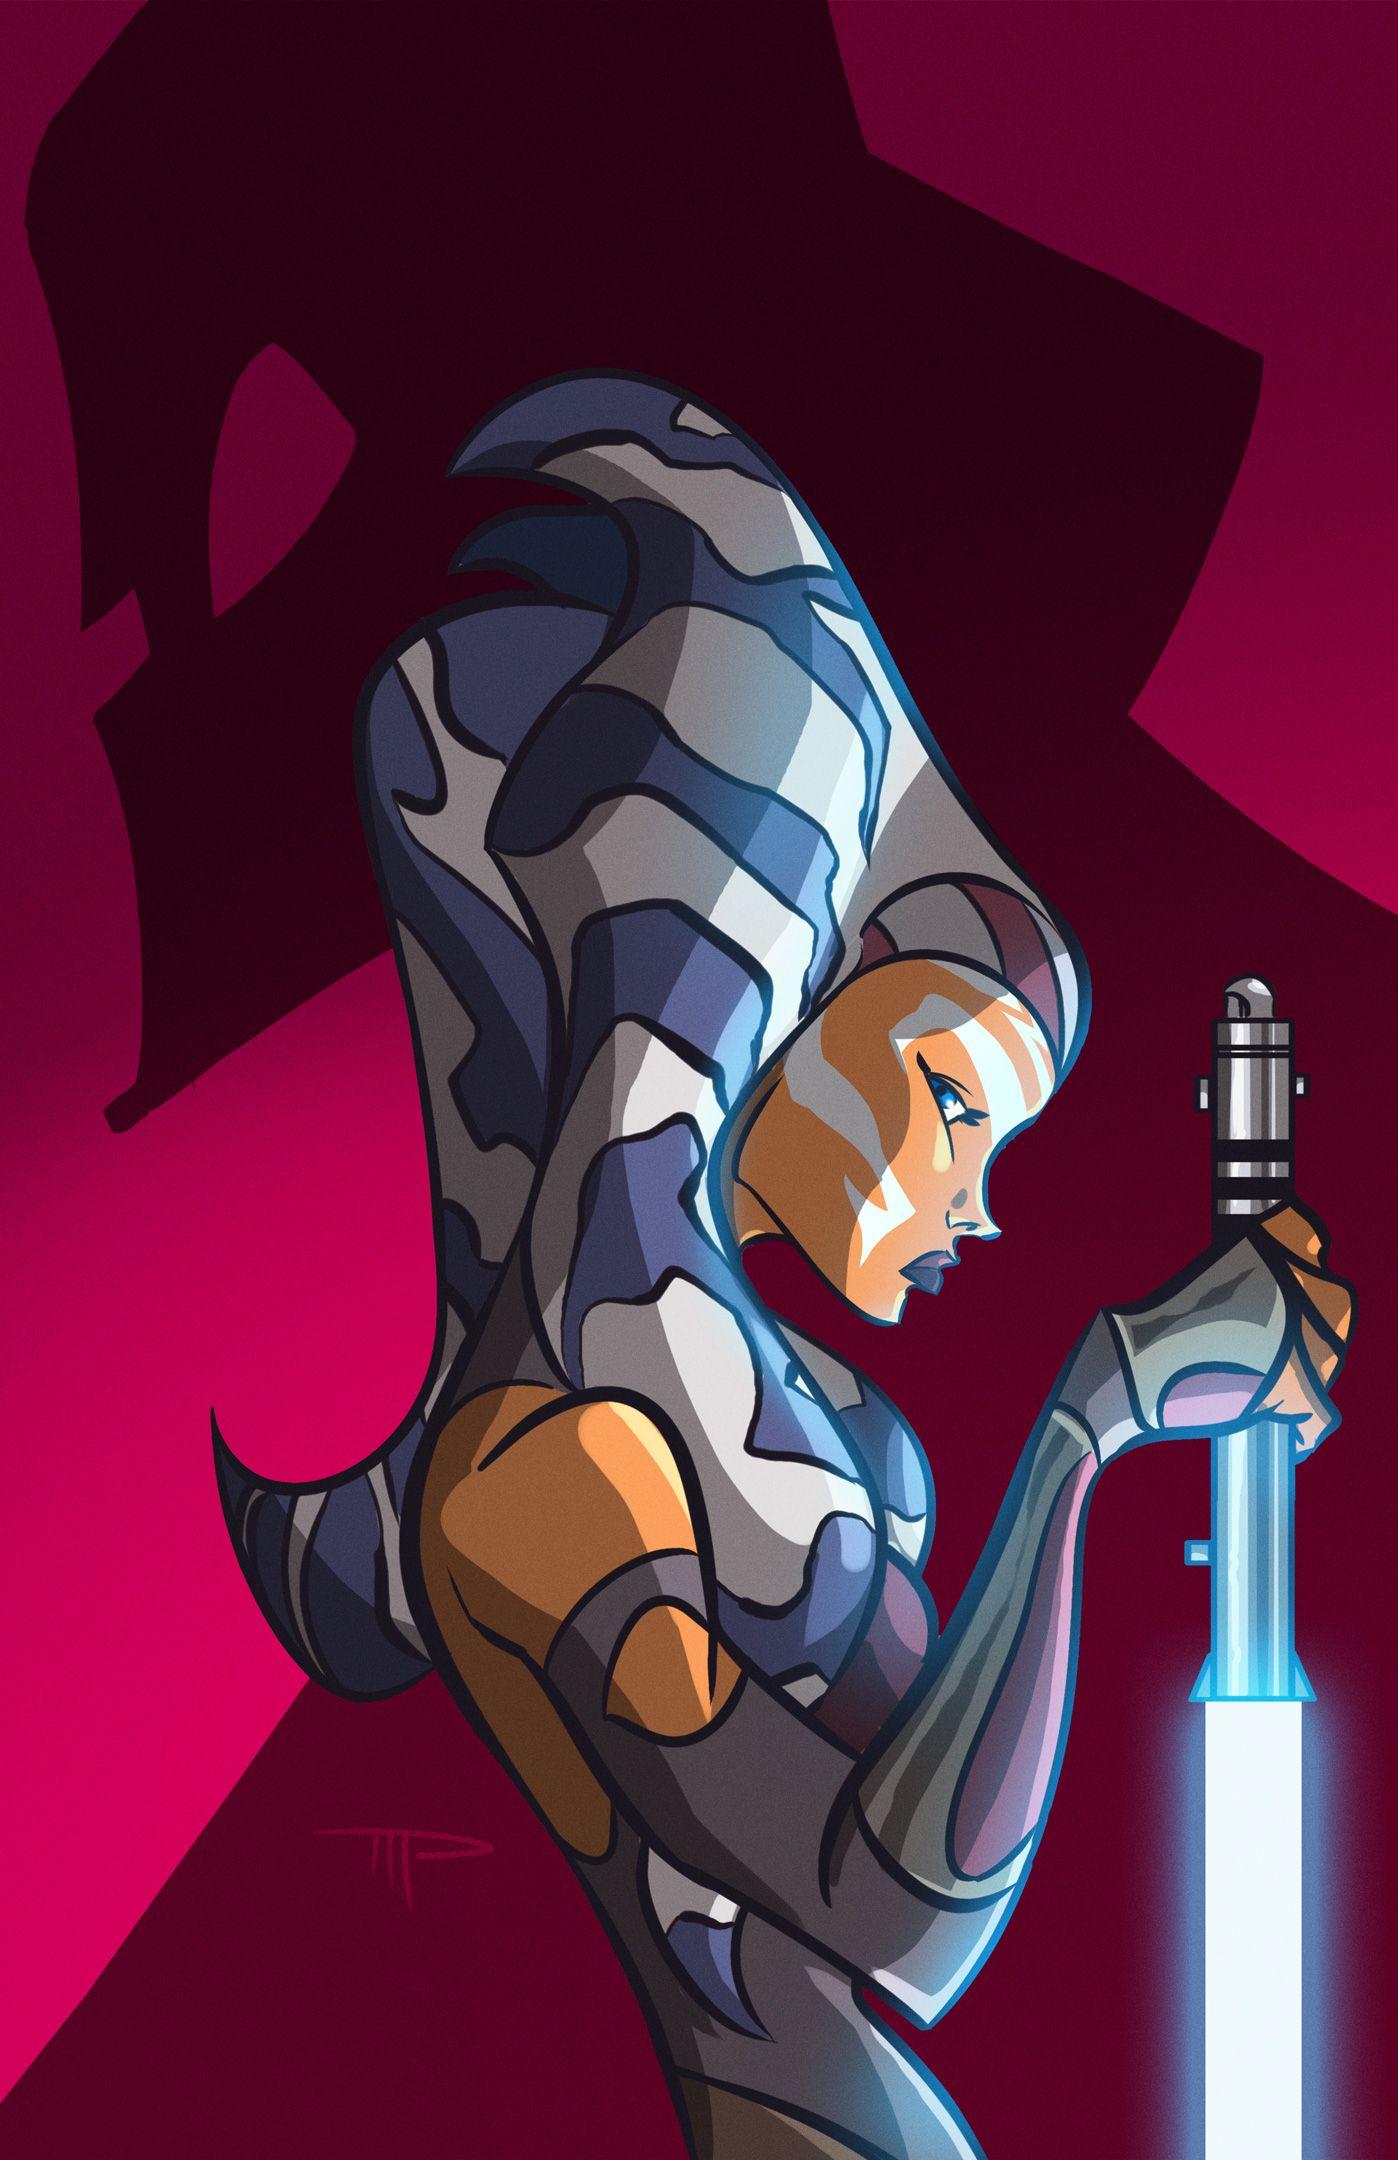 Announcing The Star Wars Rebels Season Two Fan Art Contest Winners Starwars Com Star Wars Artwork Star Wars Art Star Wars Fan Art